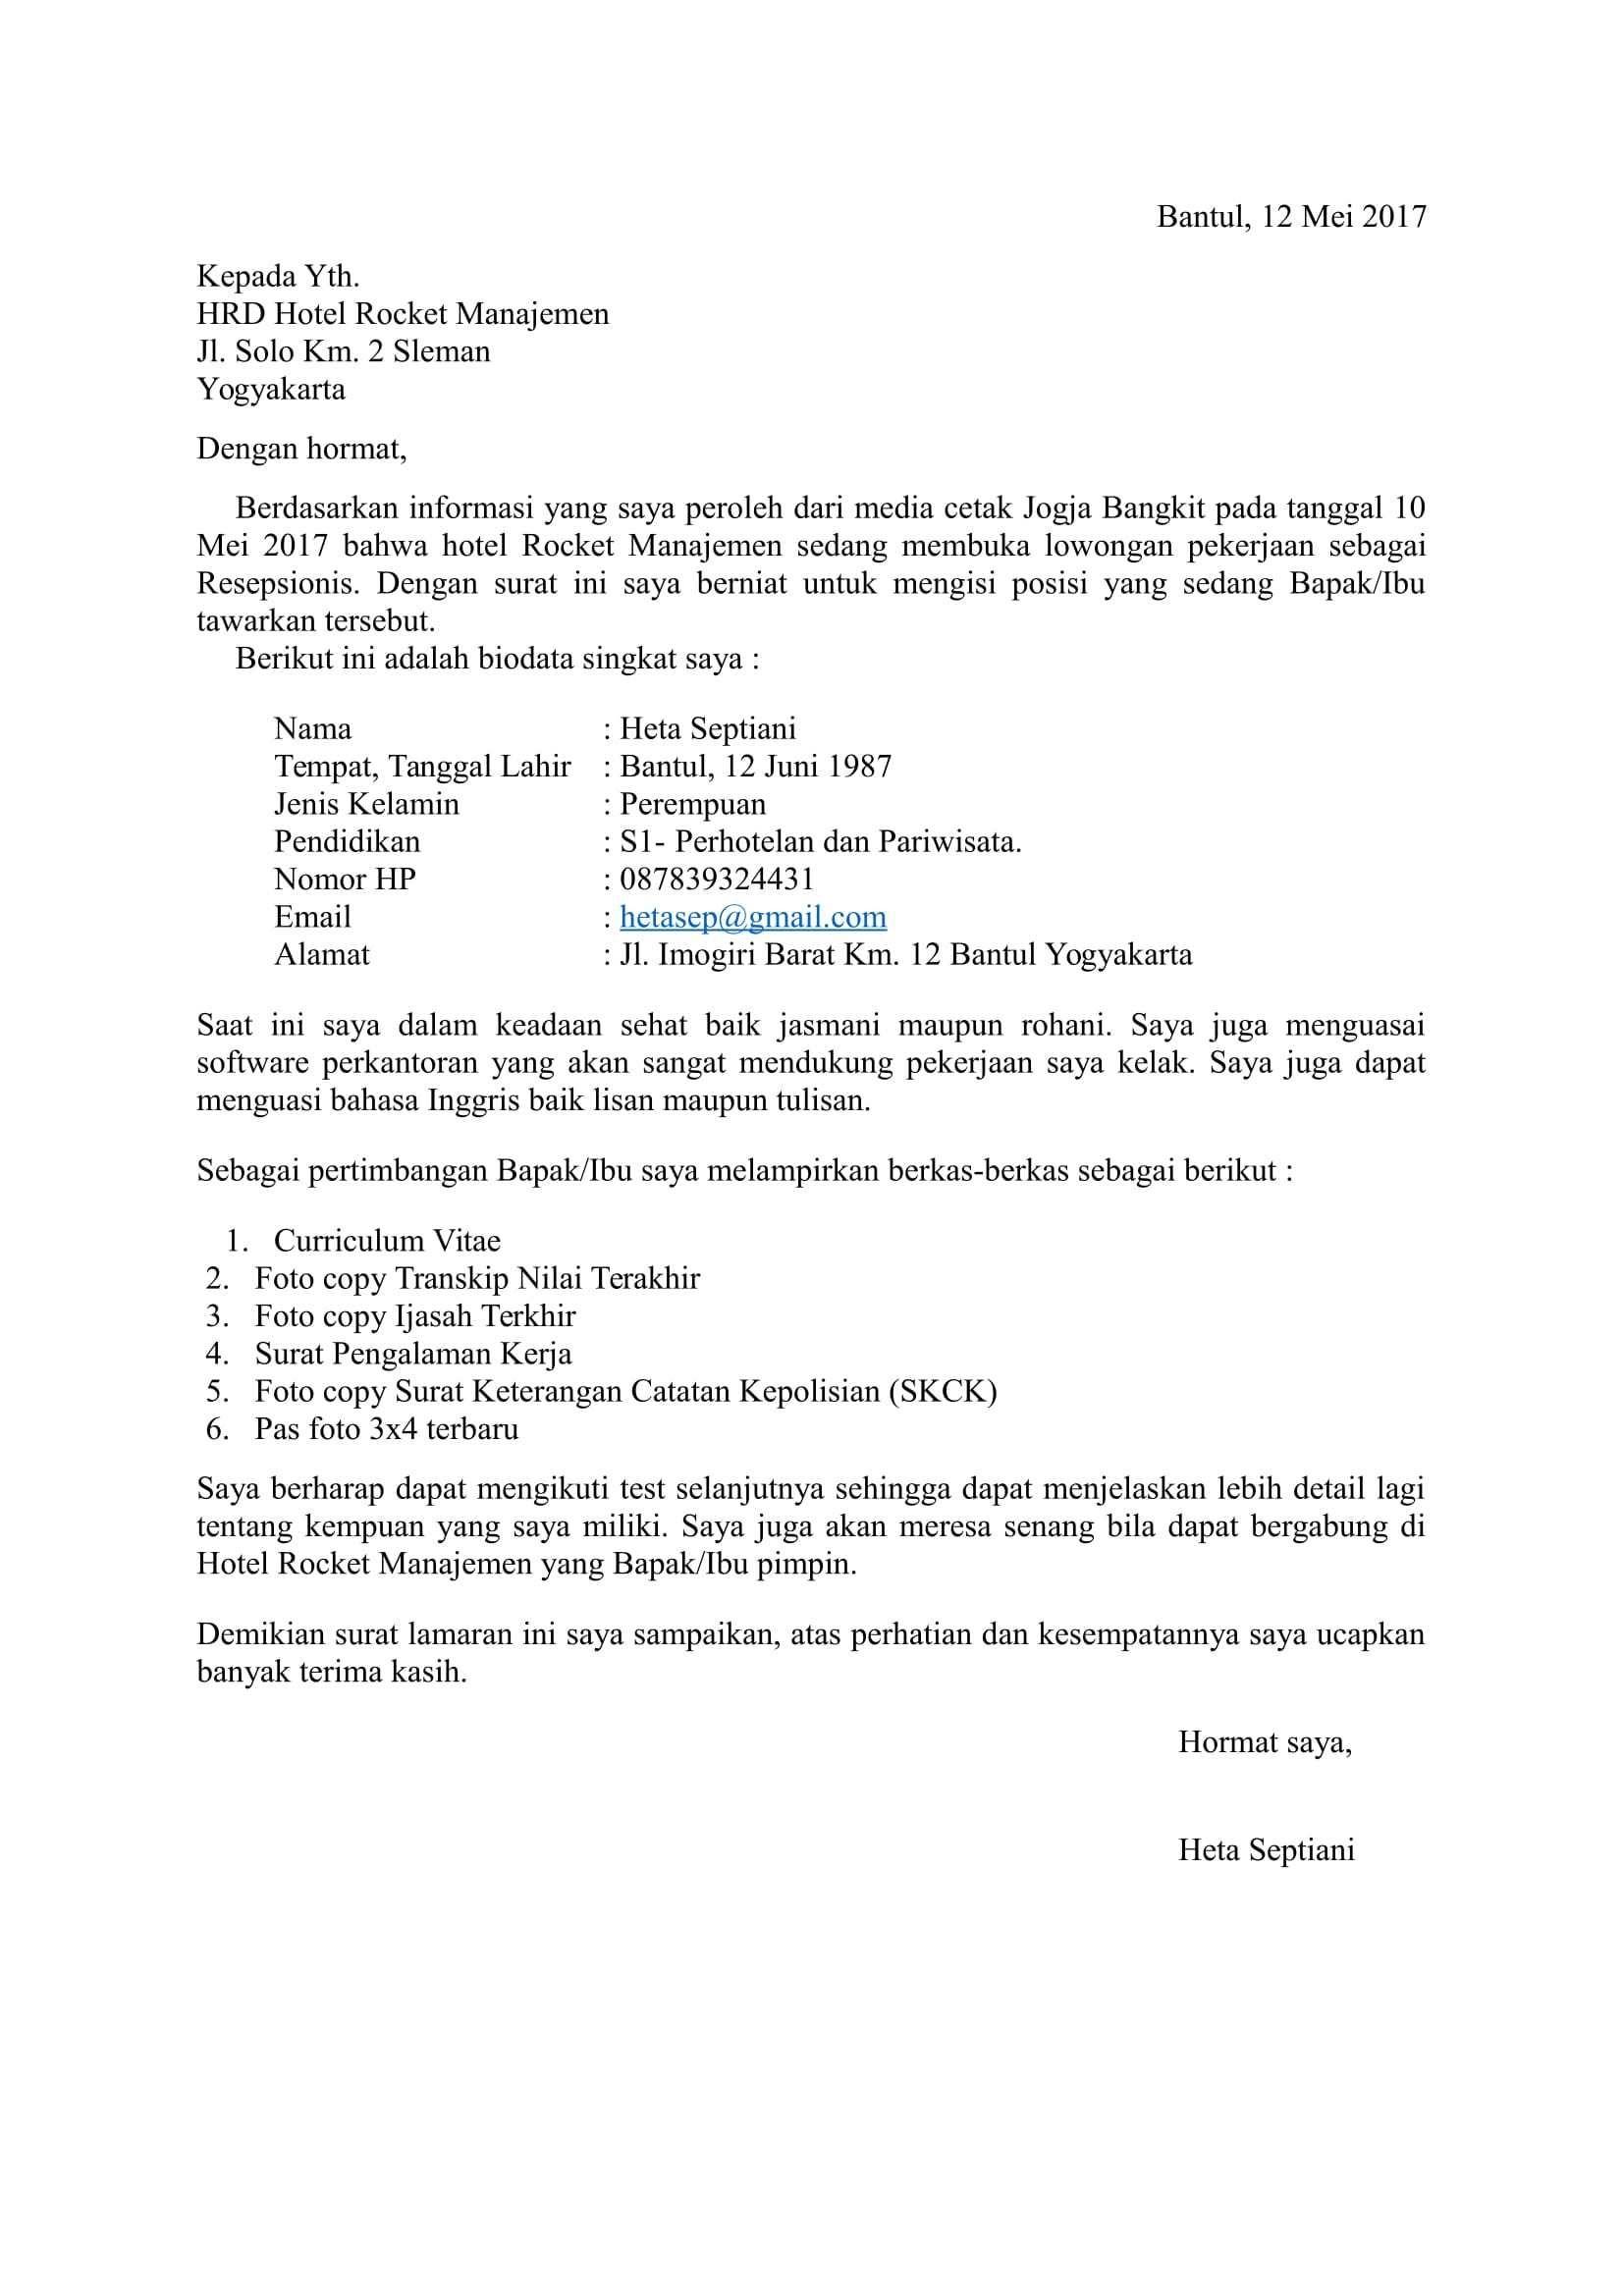 Contoh Resume Lamaran Kerja Yang Menarik Surat Bahasa Tulisan